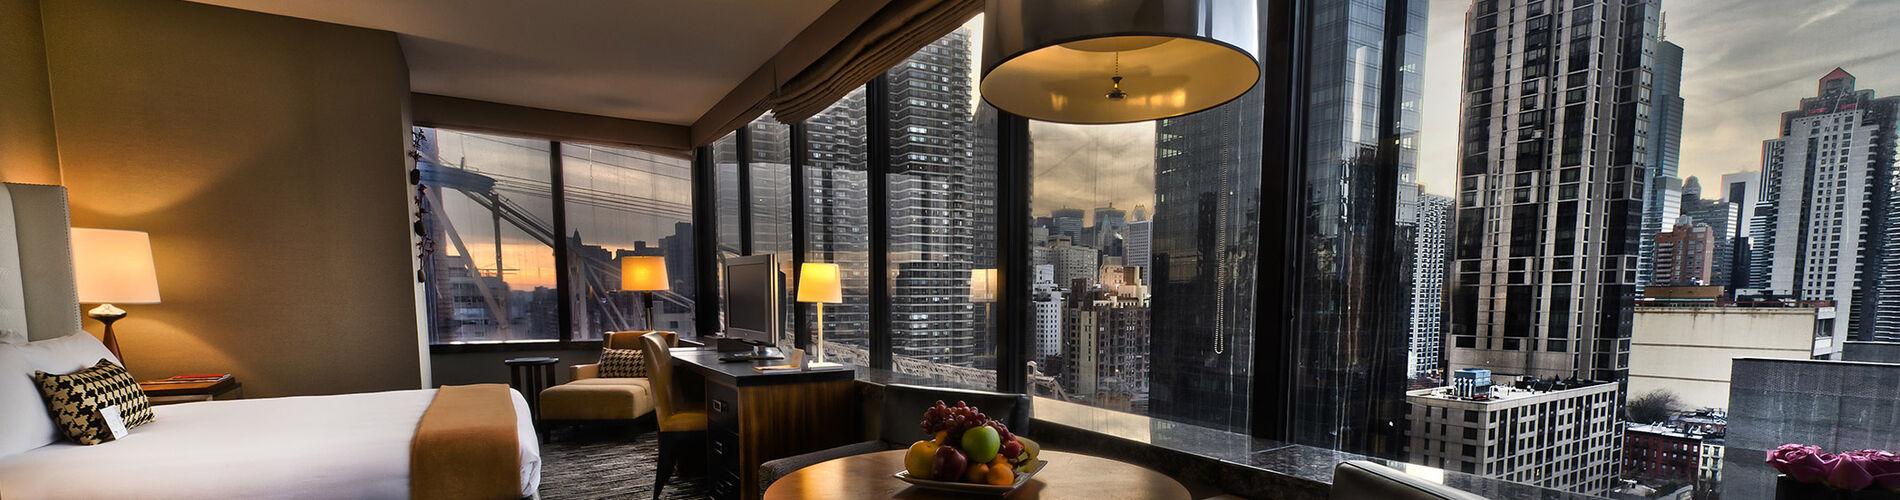 Alquiler de habitaciones en nueva york espa oles en nueva york - Alquiler apartamentos nueva york ...